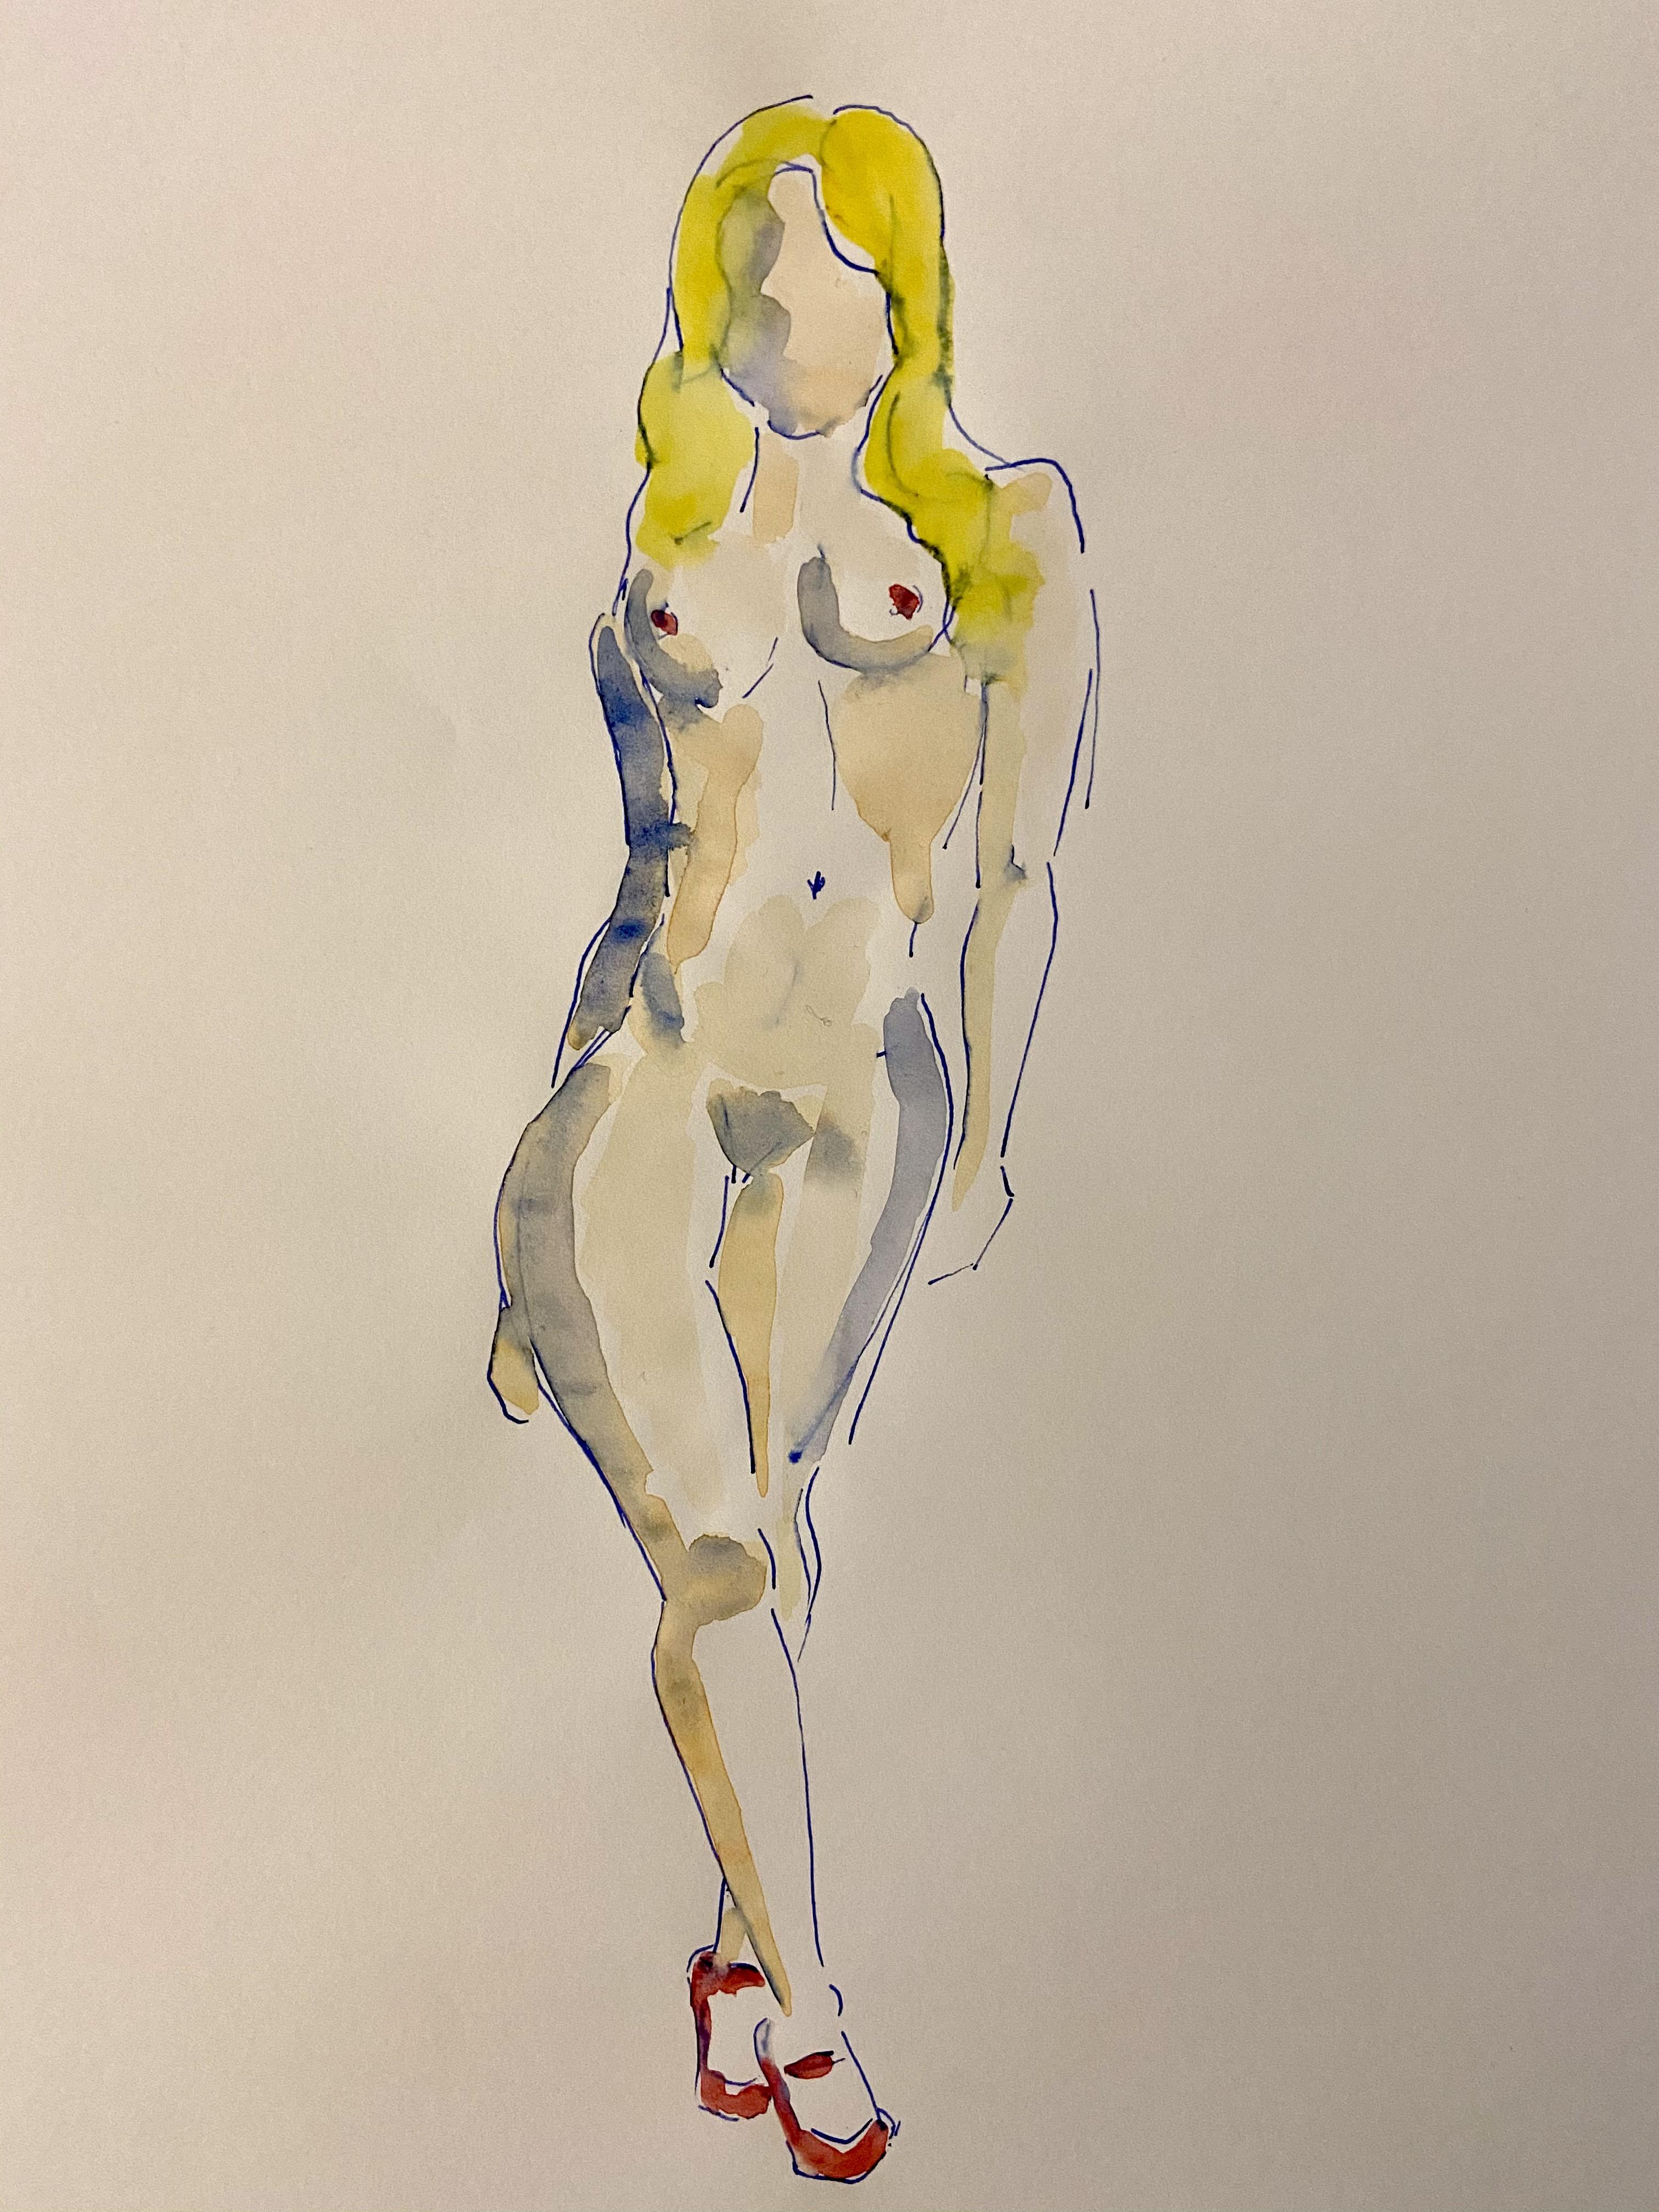 Dessin aquarelles polychrome femme face dessin � la plume  cours de dessin